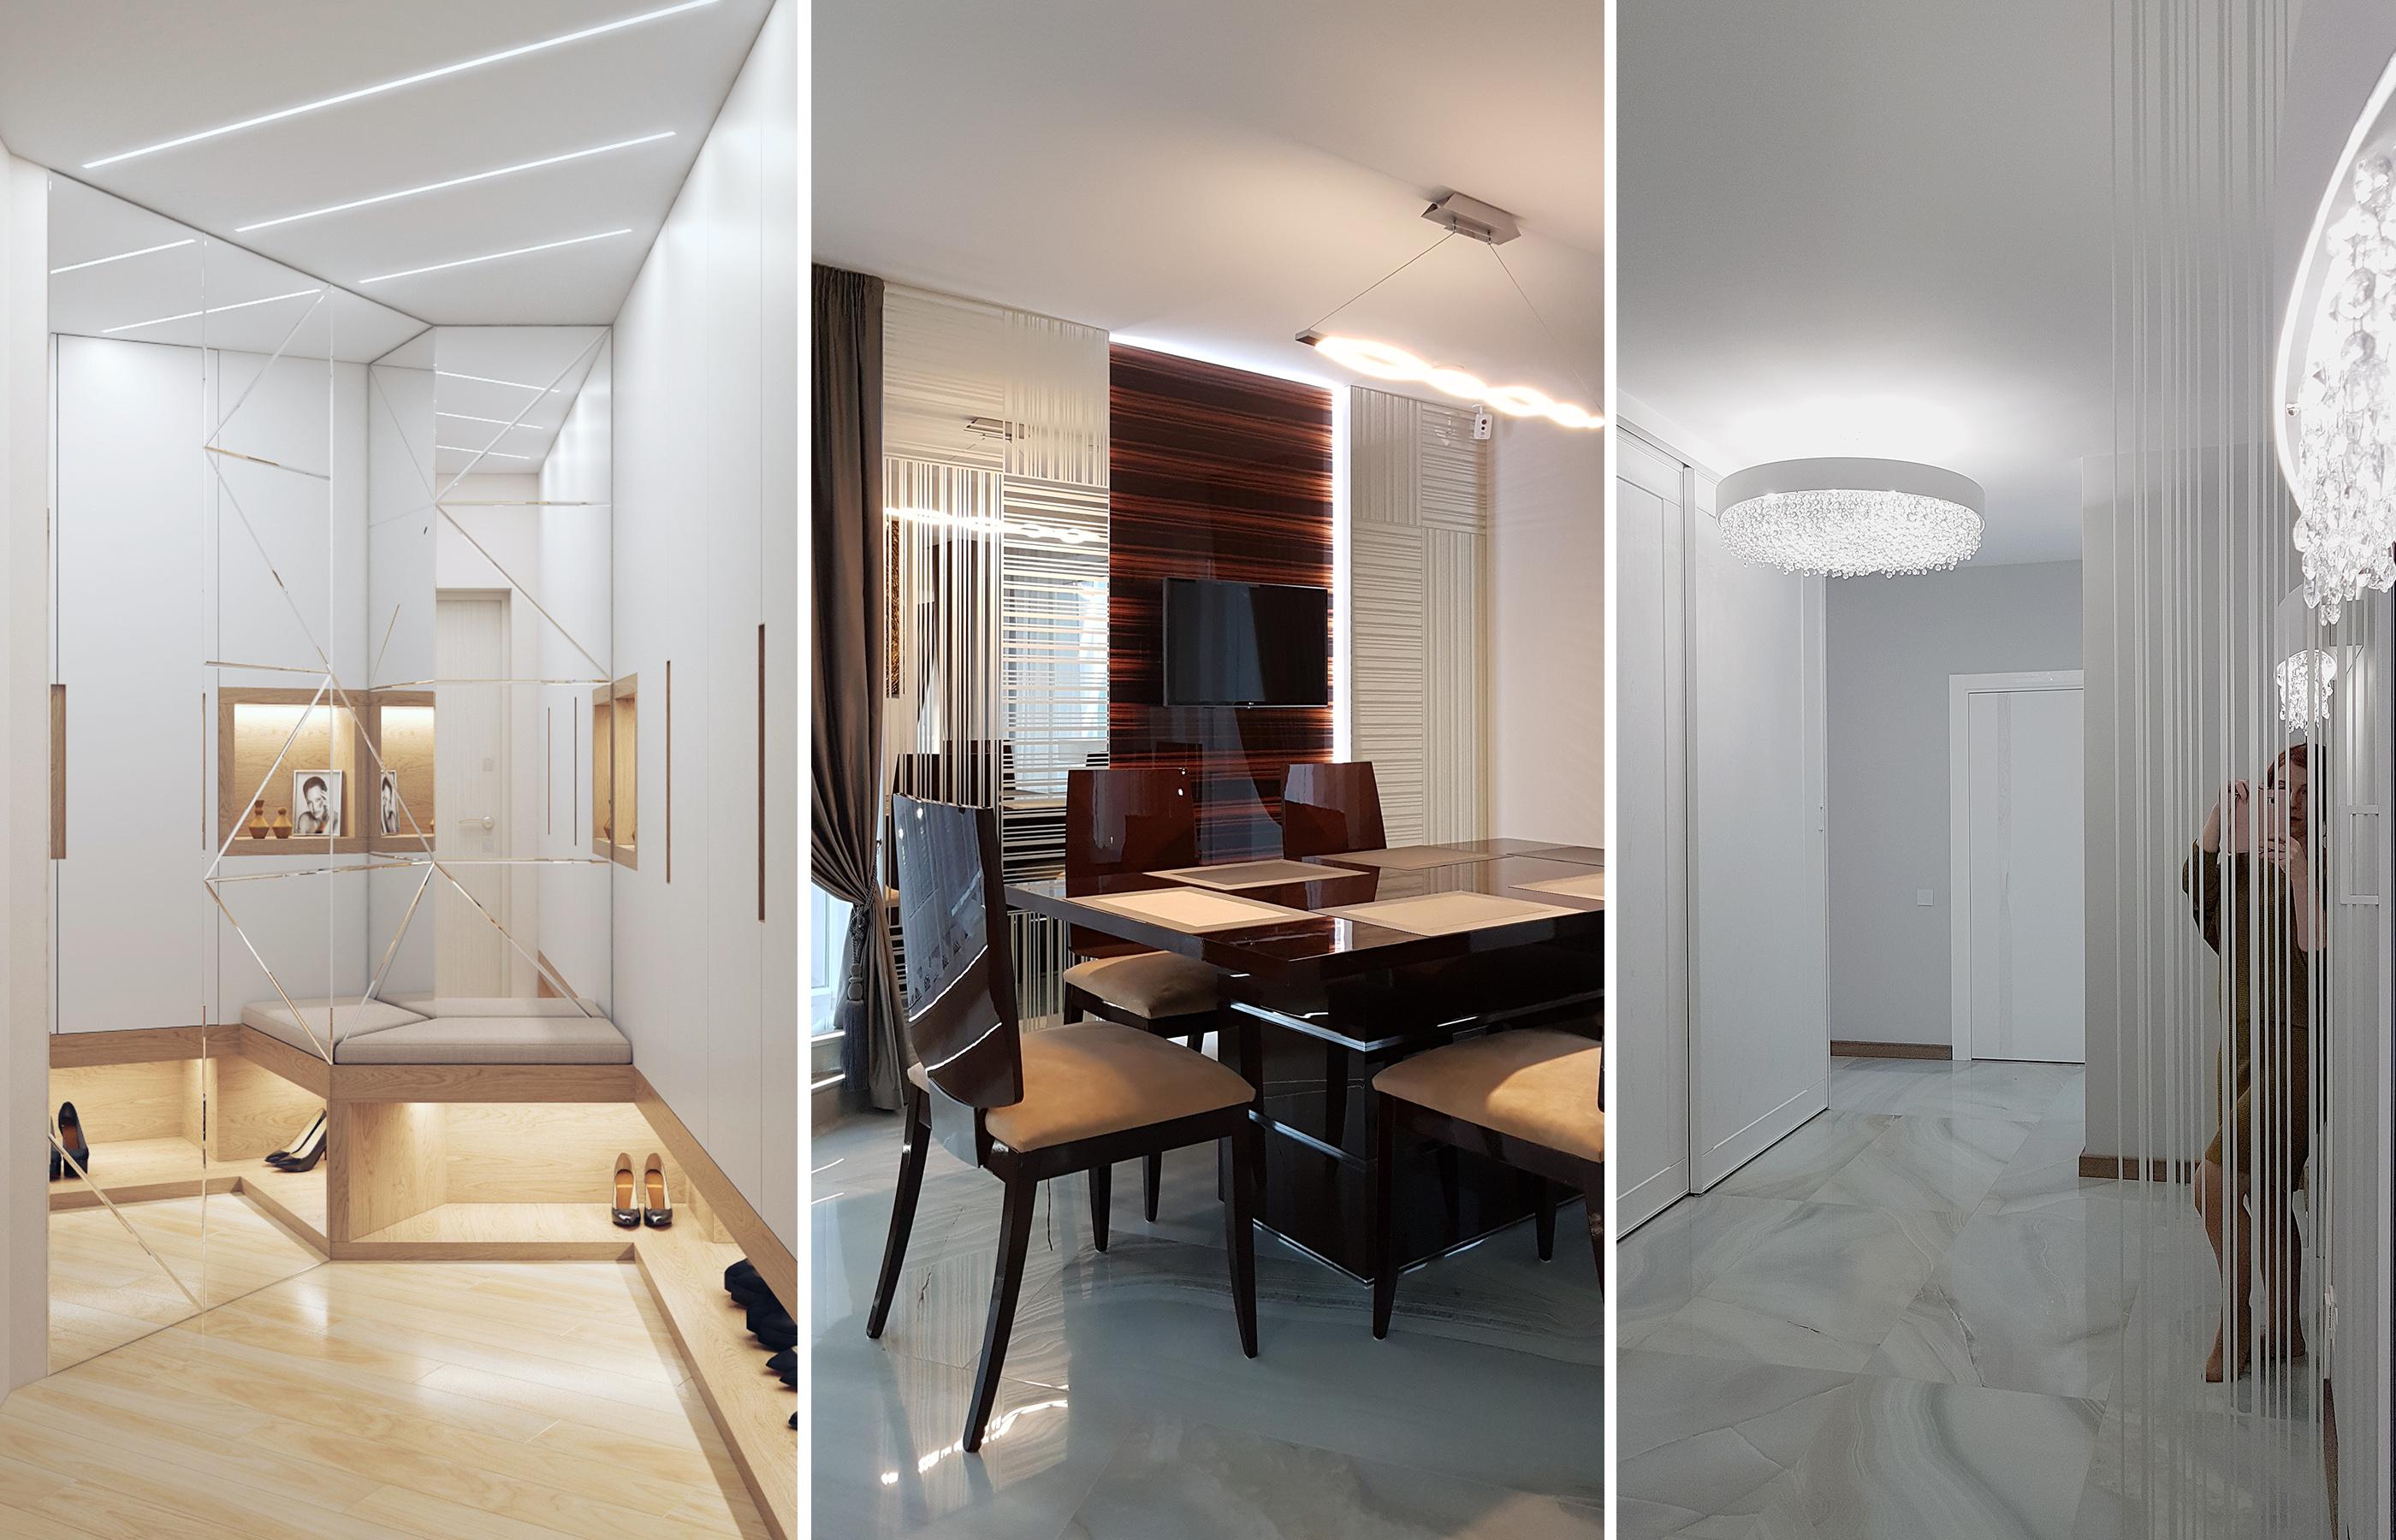 Зеркальные панно способны не только расширить пространство, но и визуально изменить геометрию помещения